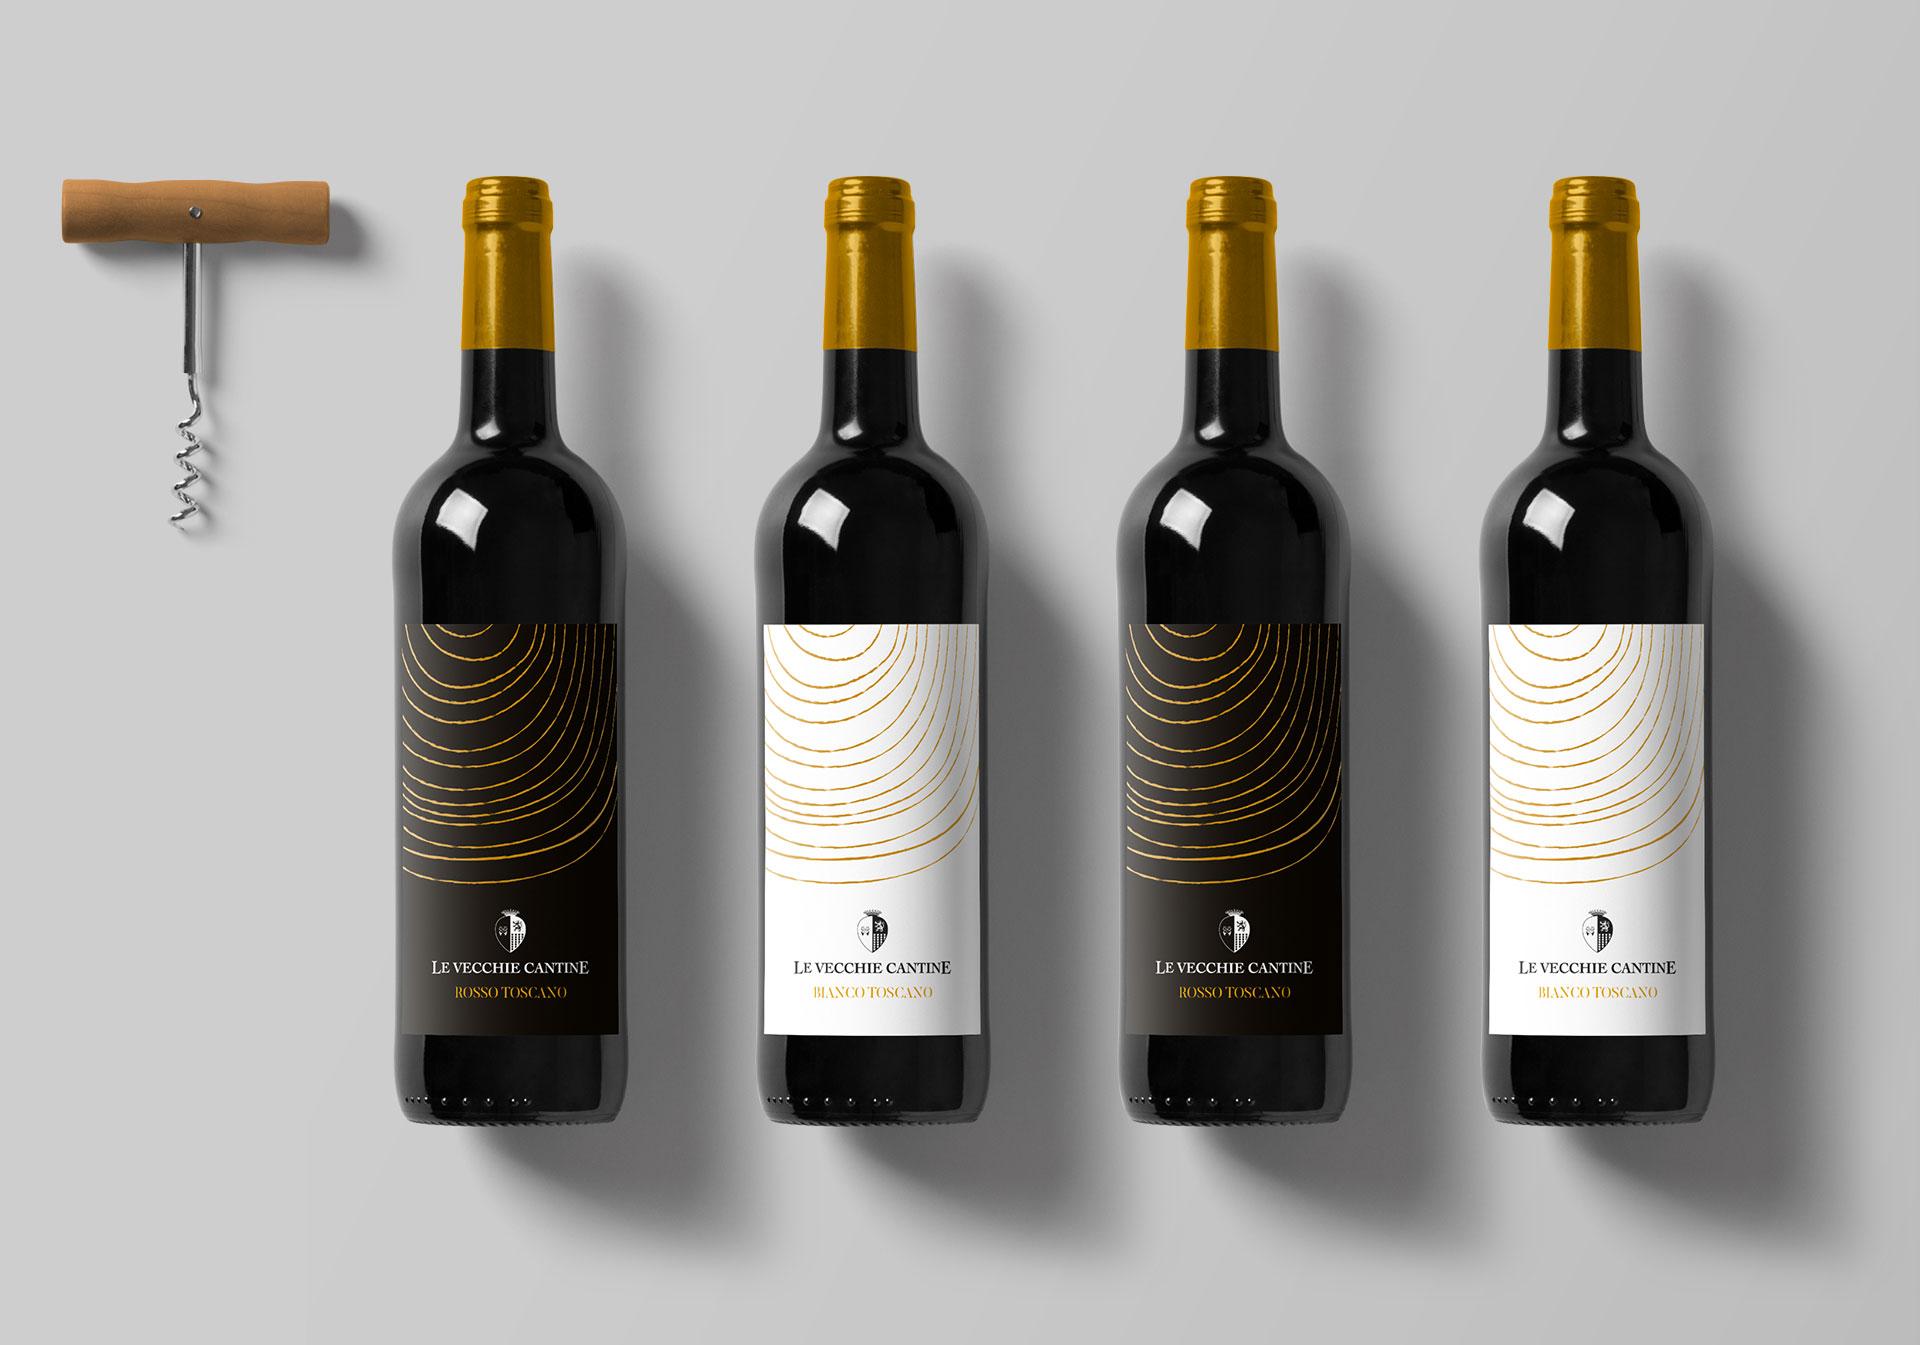 le-vecchie-cantine-wine-bottles